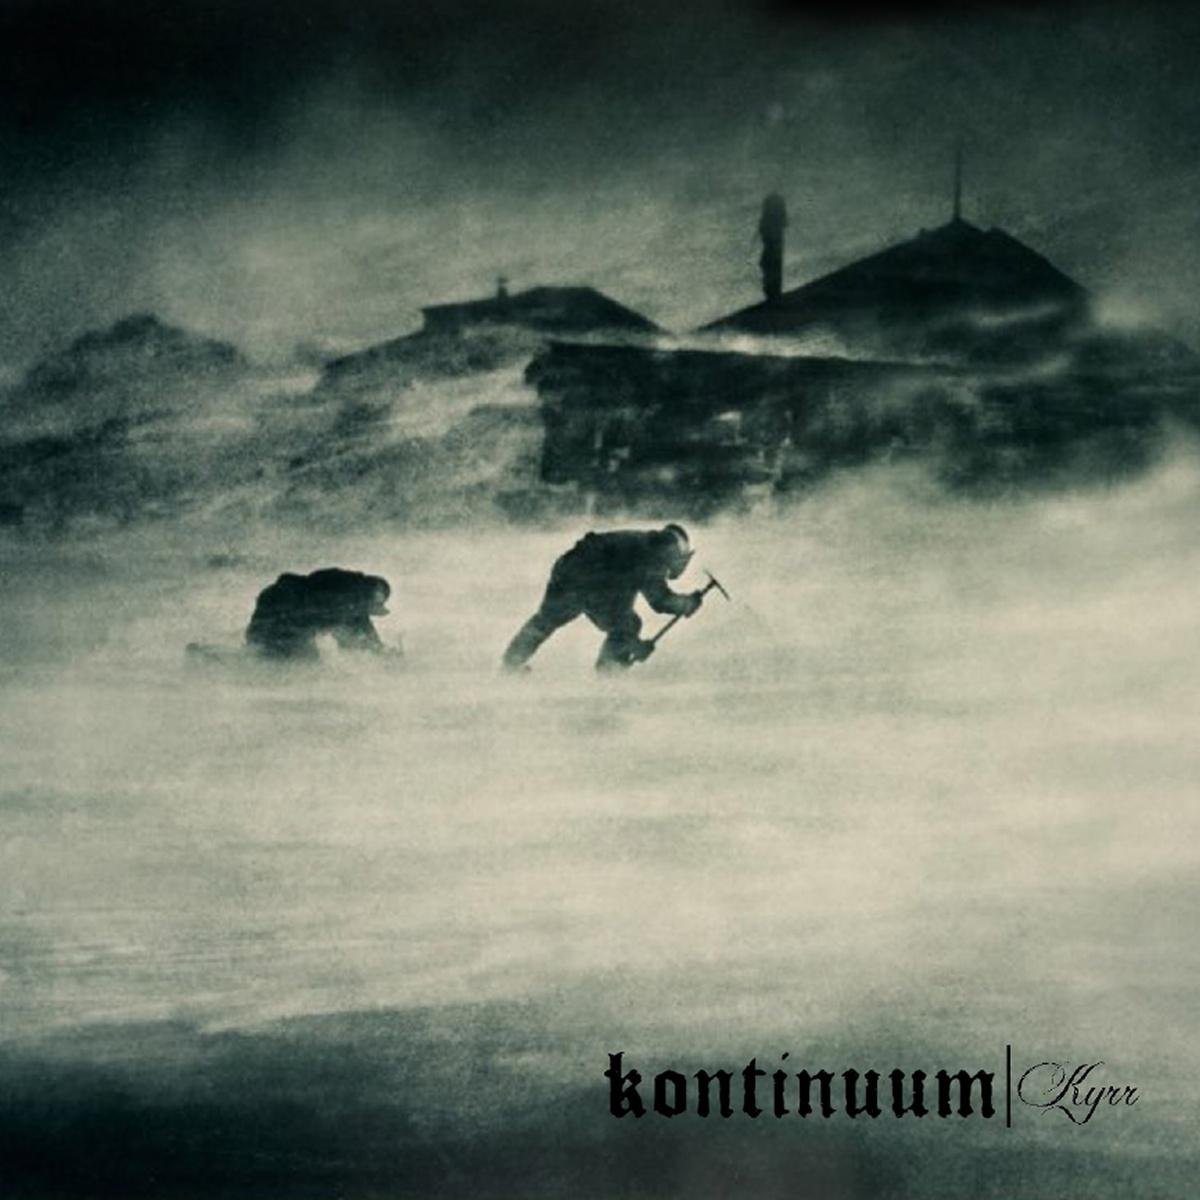 Kontinuum: Kyrr